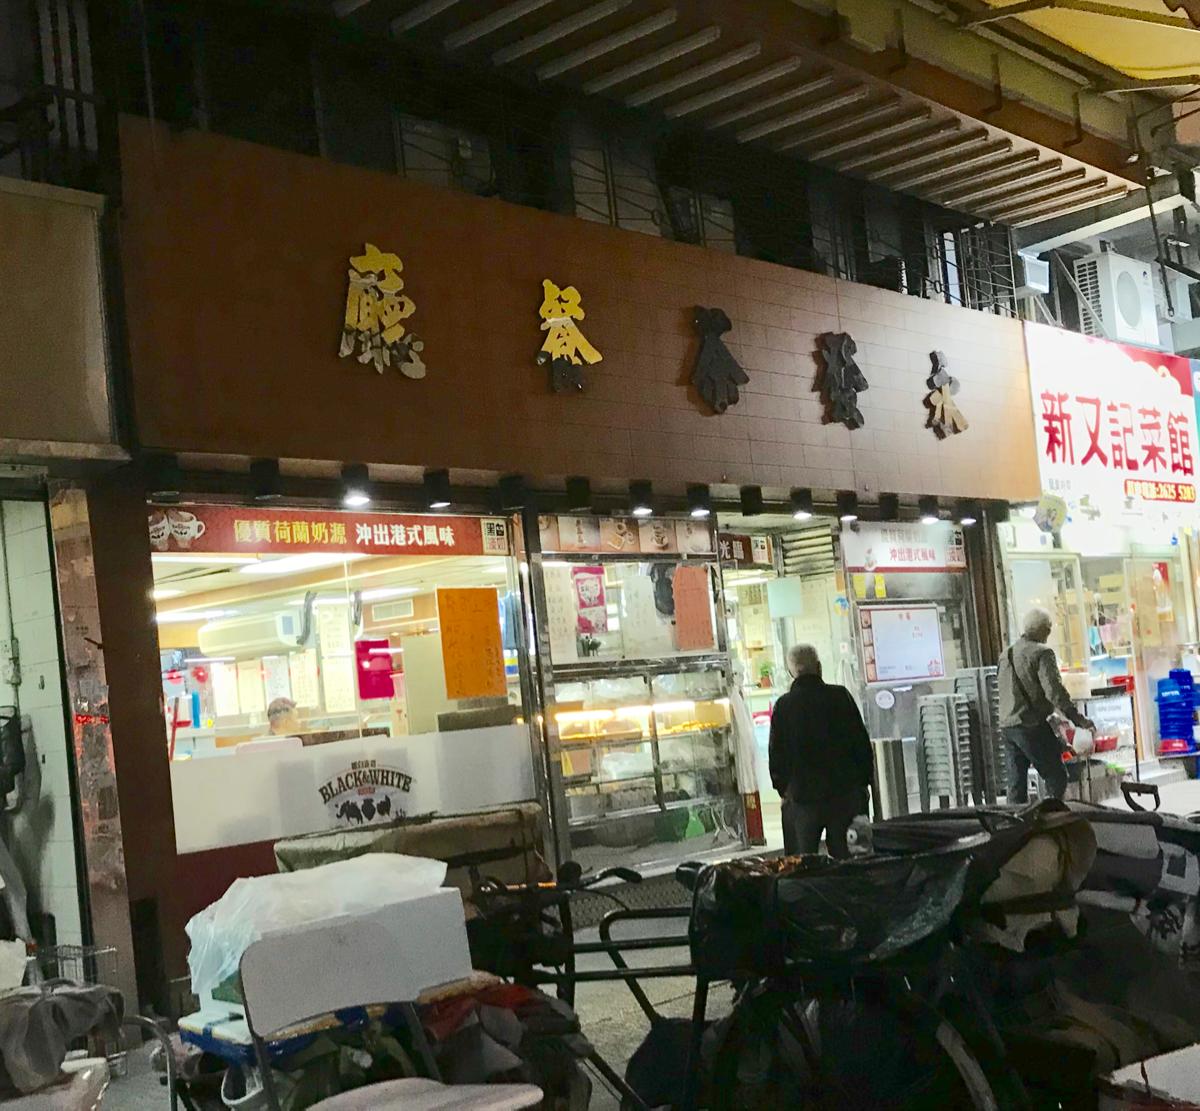 永發餐廳(Wing Fat Restaurant)@油麻地に行って、ドラマで小池栄子さんが座っていた同じ席で米線を食べた~ドラマ「恋する香港」のロケ地を散歩